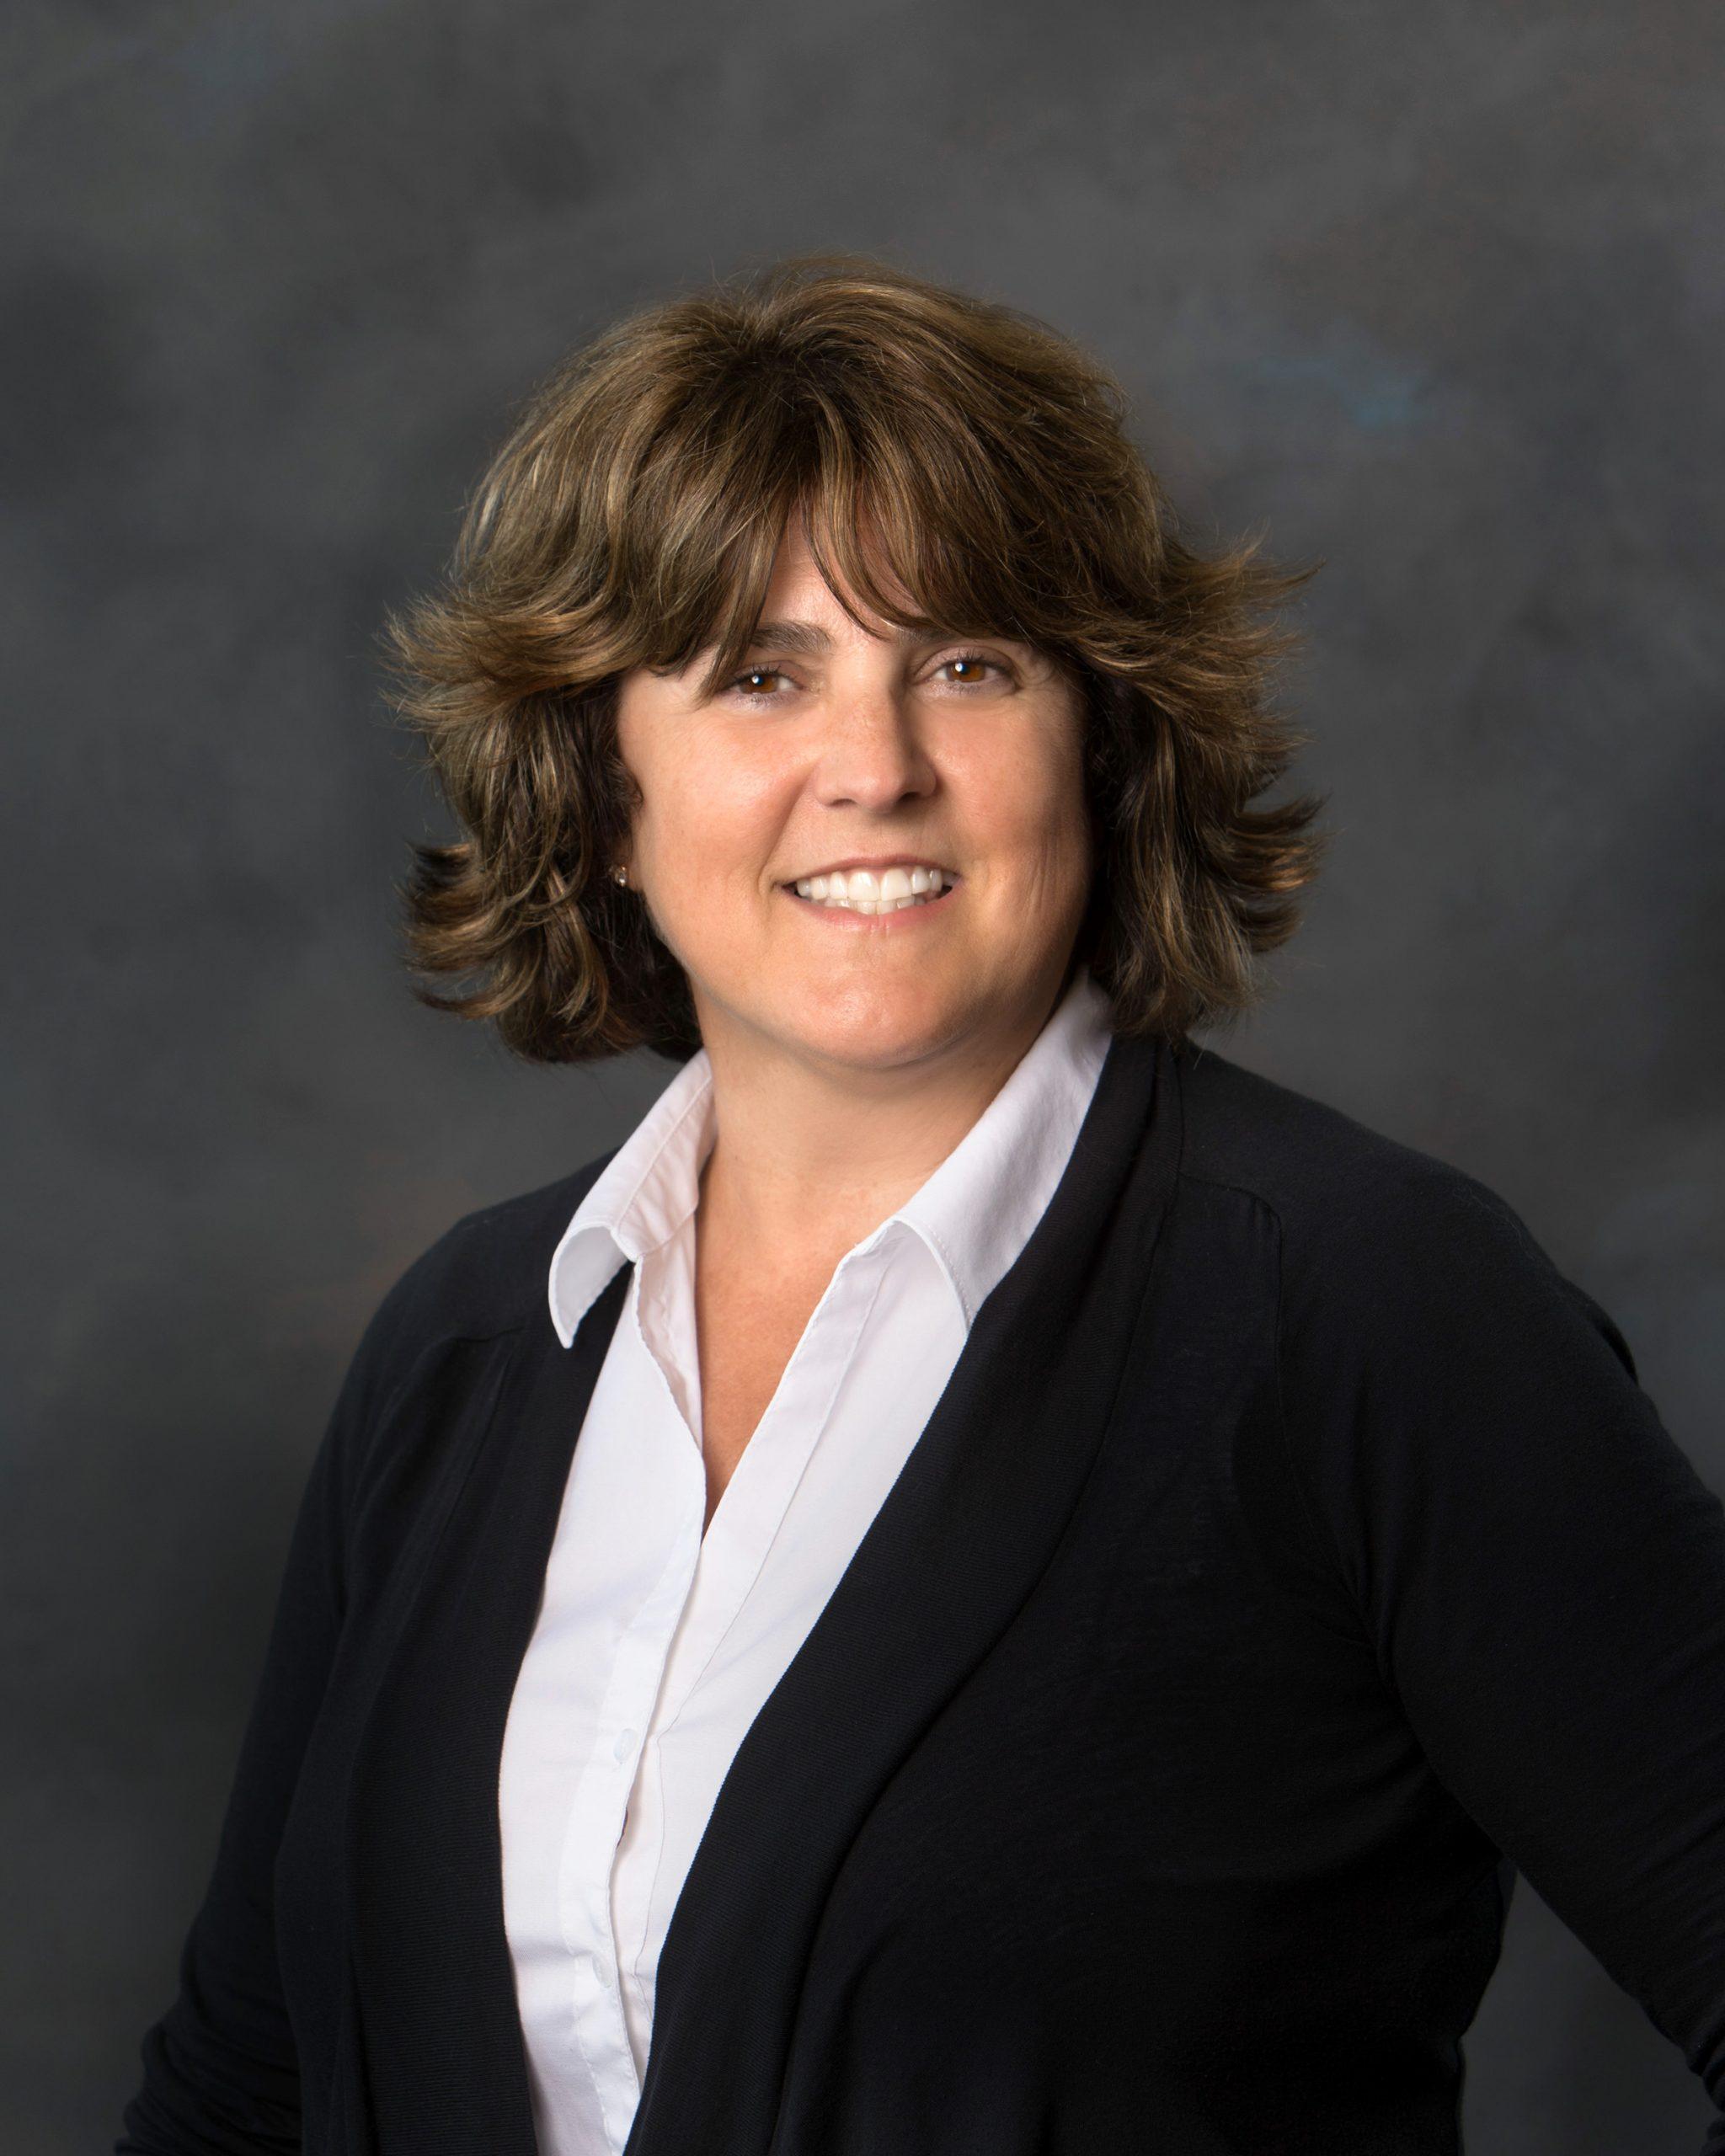 Denise B. Langley